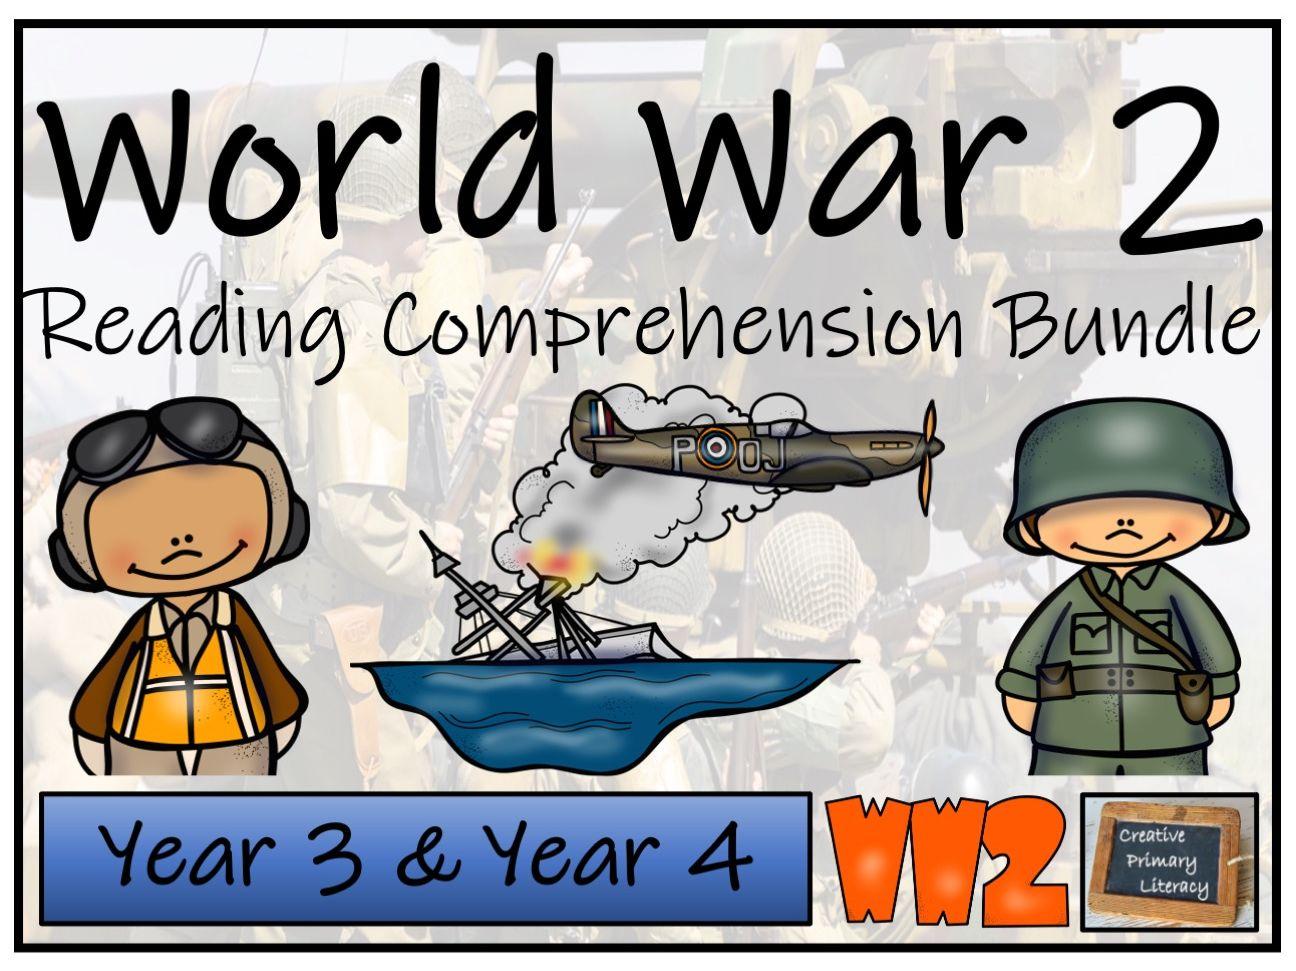 LKS2 World War II Reading Comprehension Bundle